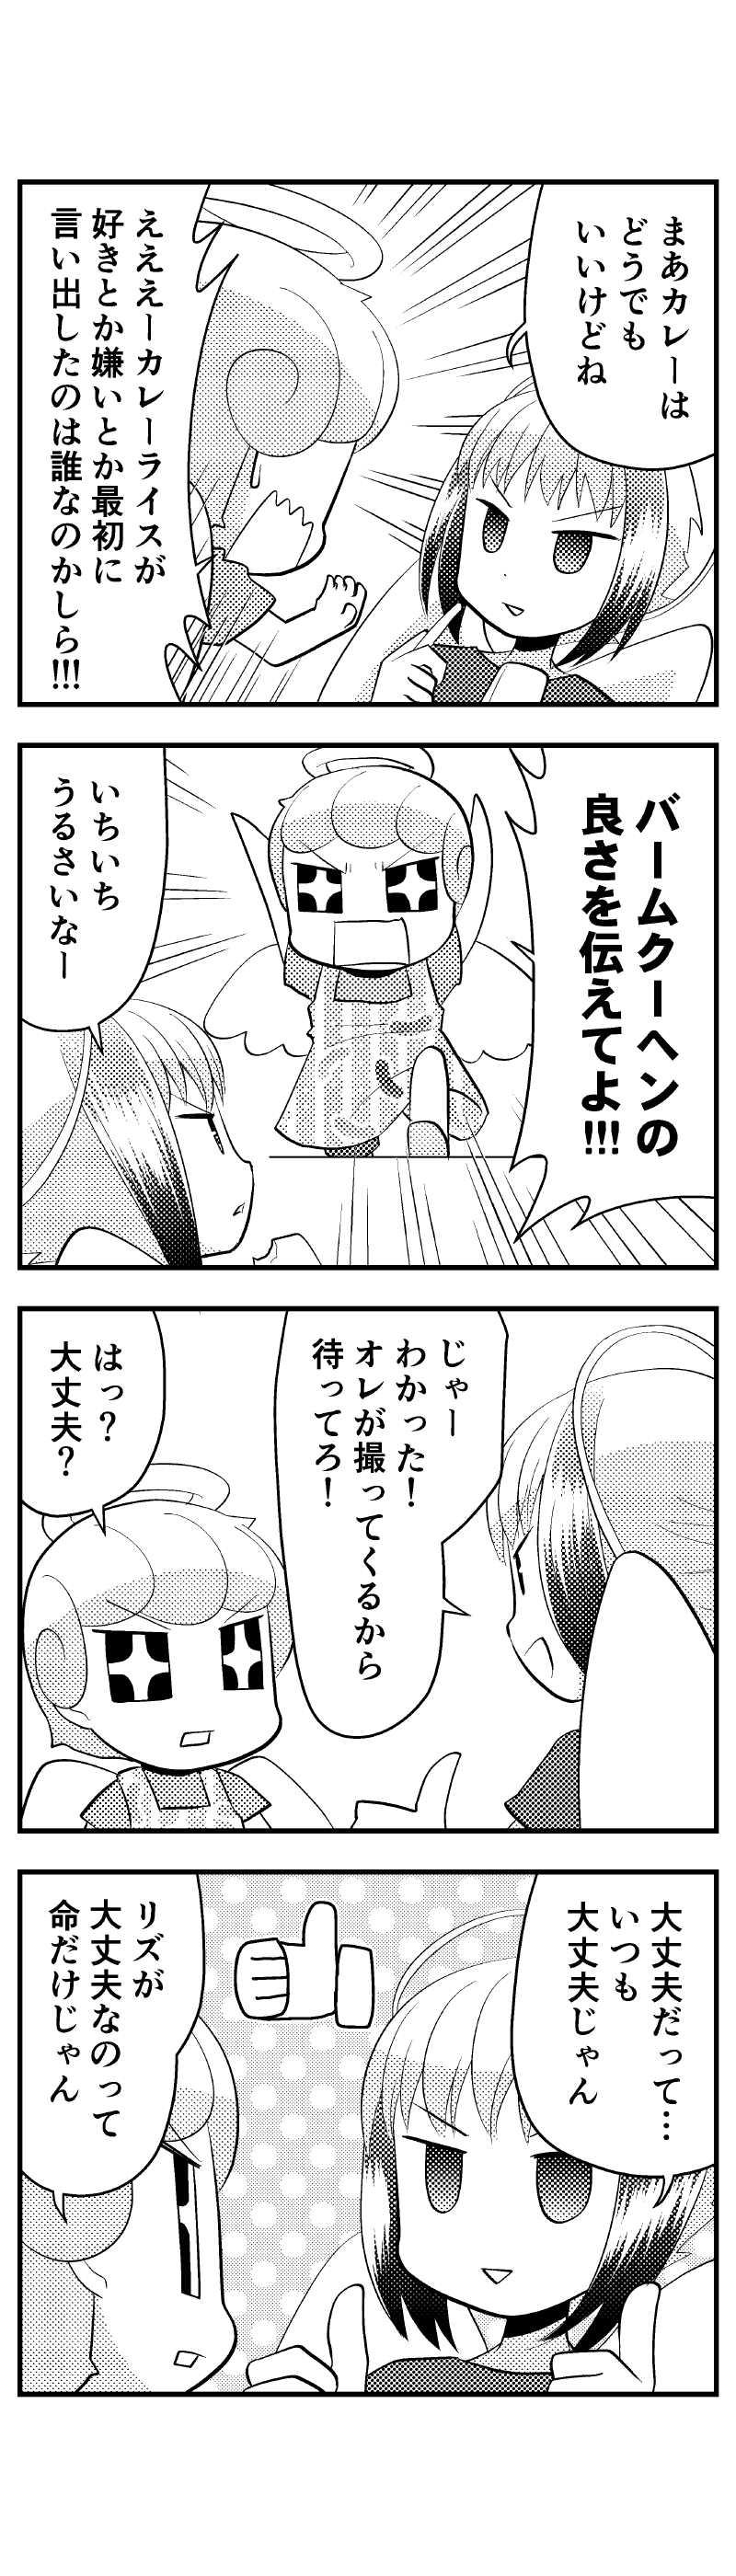 082 動画投稿